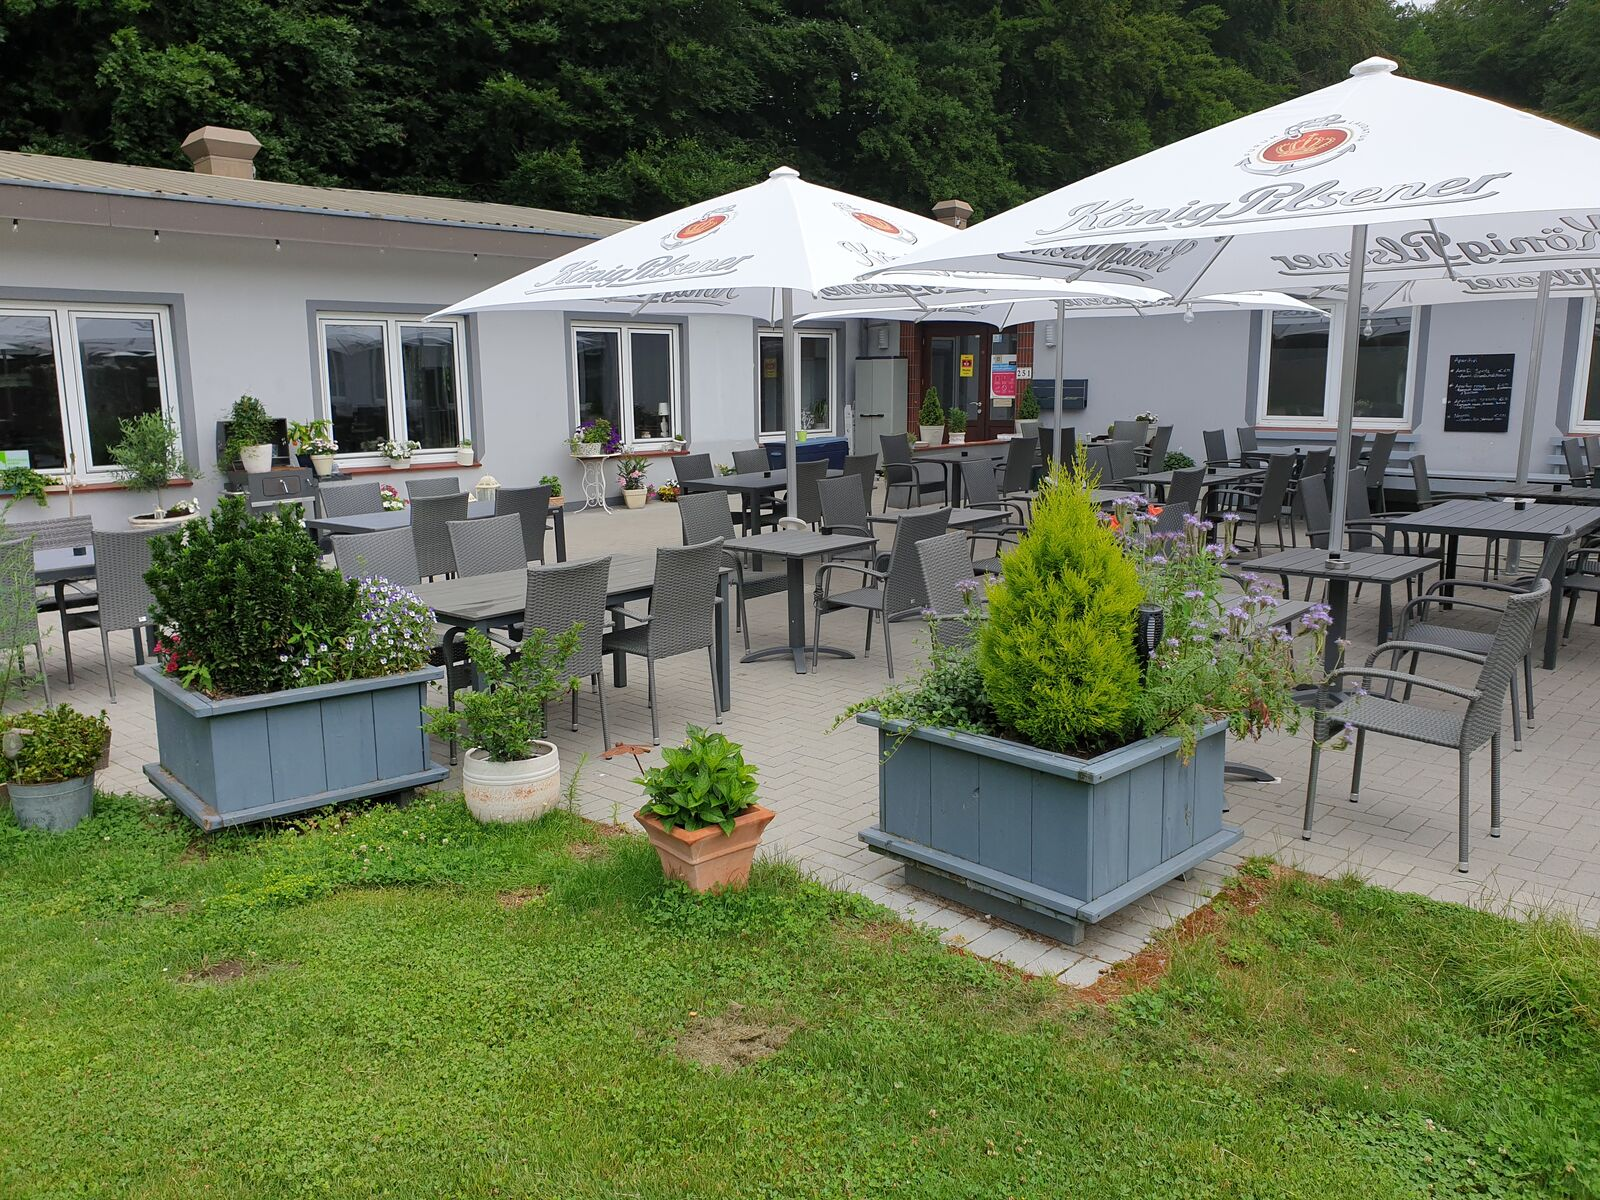 La Tavernetta am Tannenberg